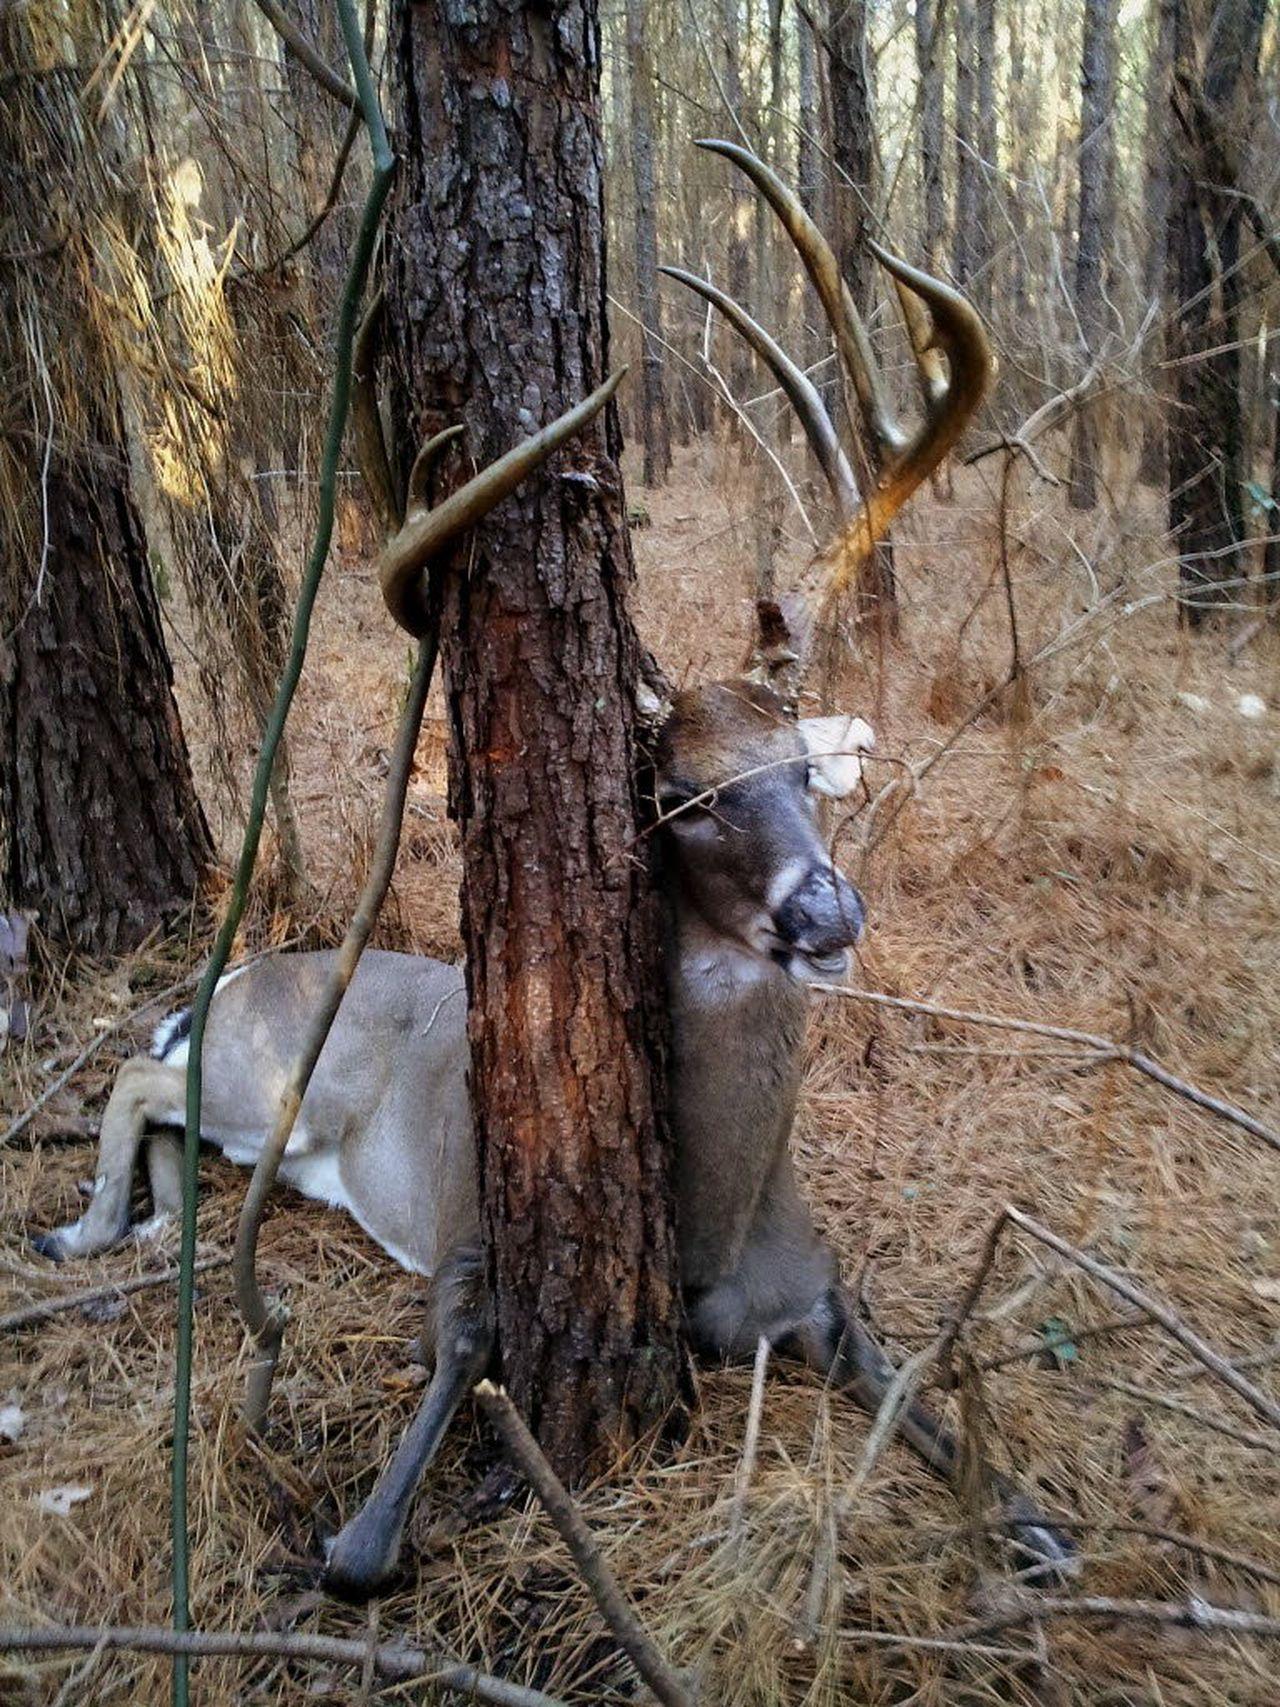 mobile deer hunter kenny redd topples